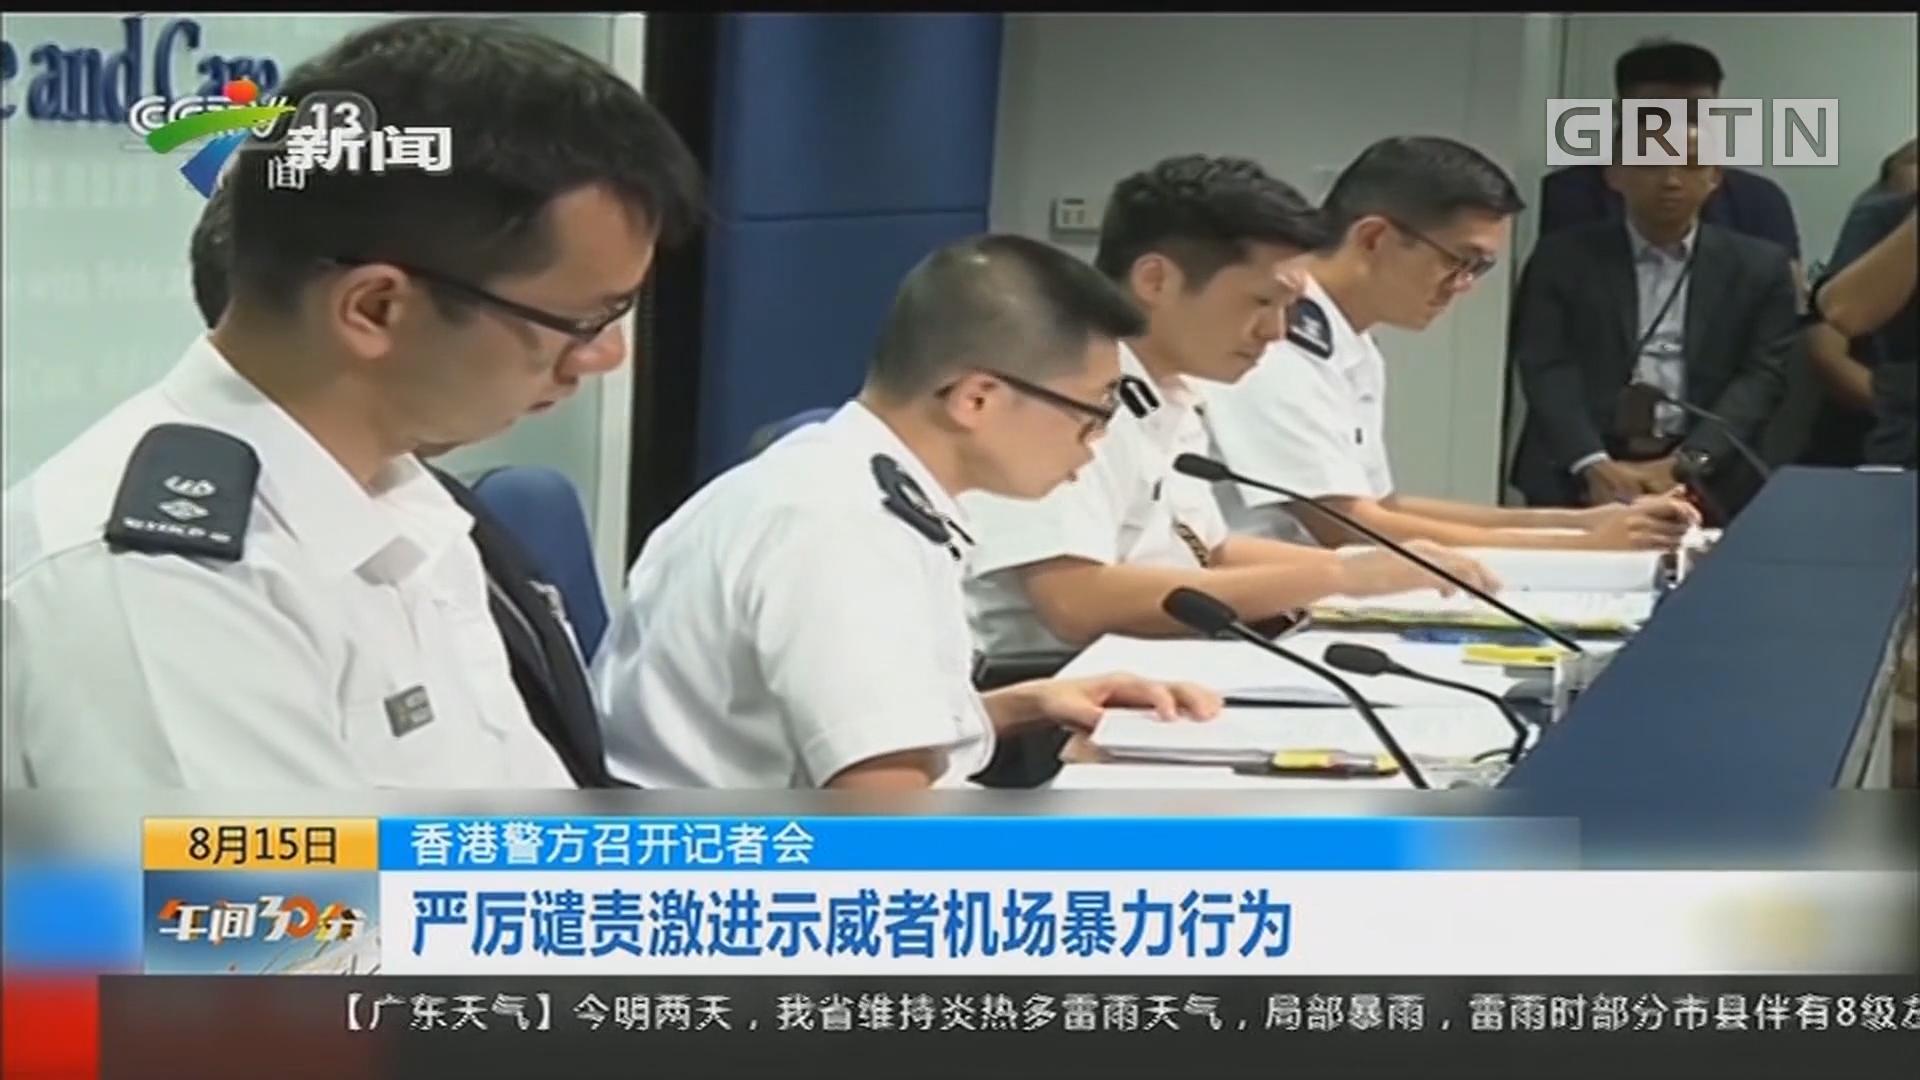 香港警方召开记者会:严厉谴责激进示威者机场暴力行为